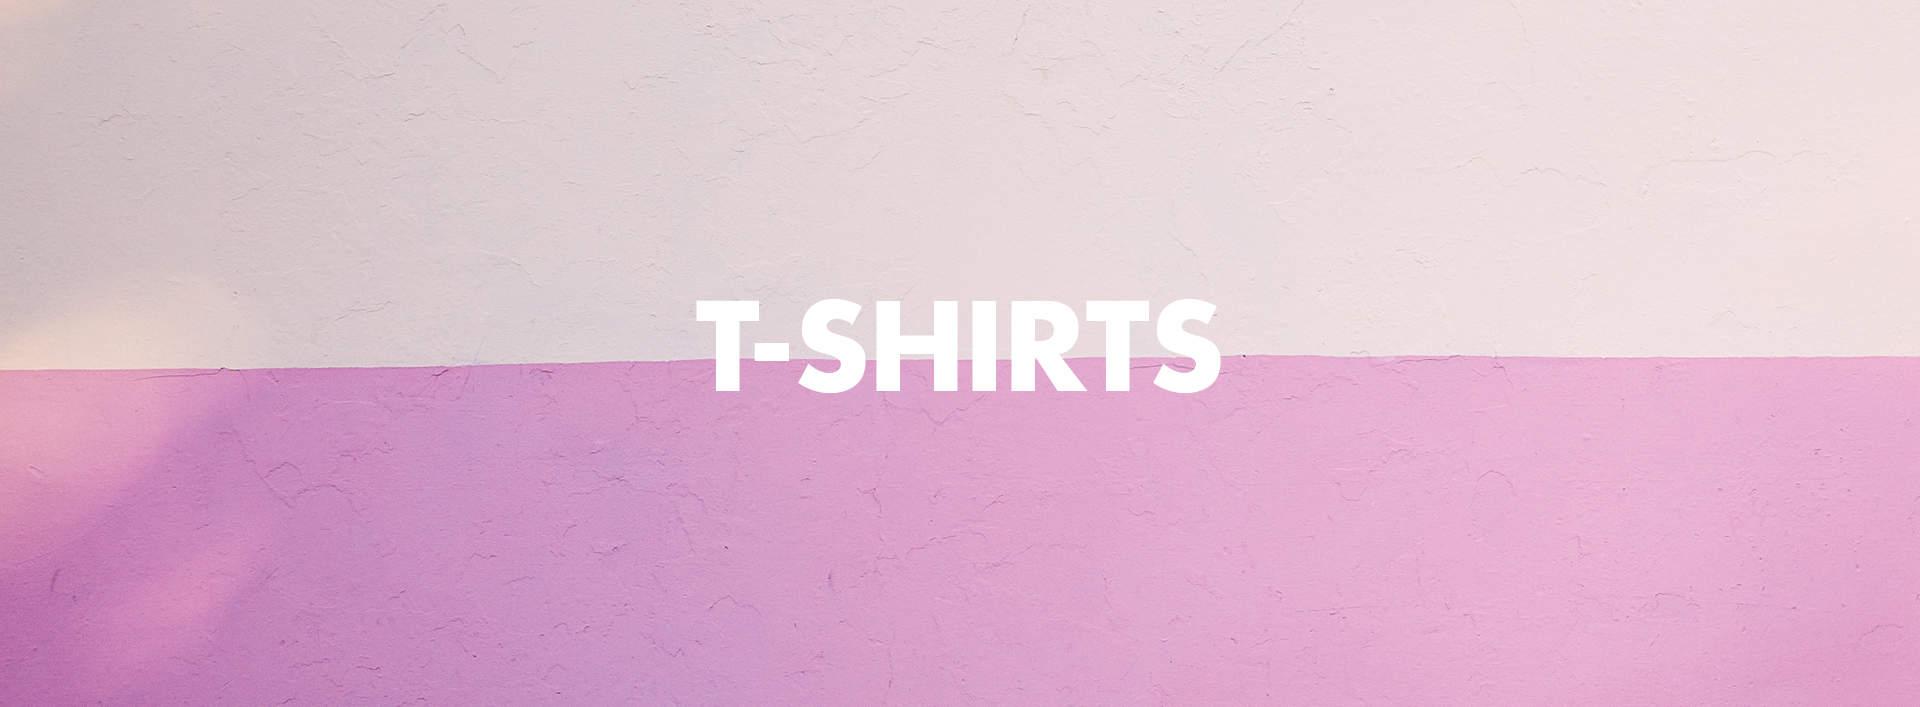 T-Shirts slide 1